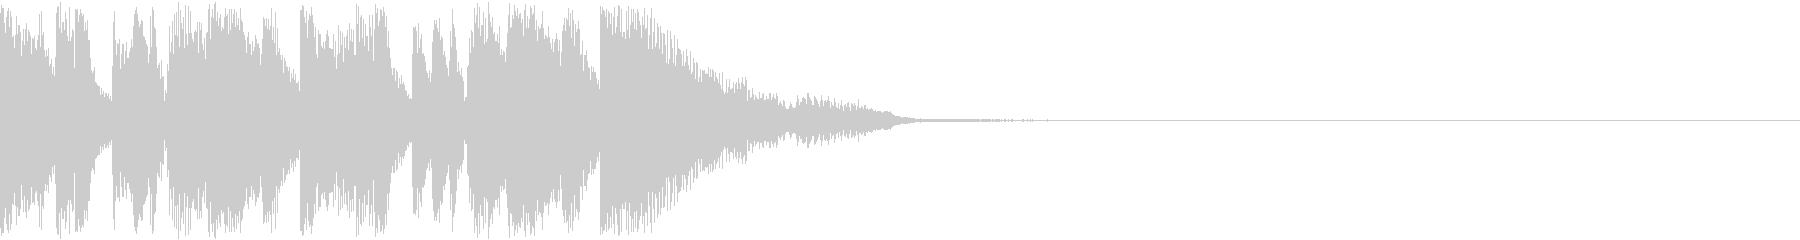 テクノポップなジングルの未再生の波形